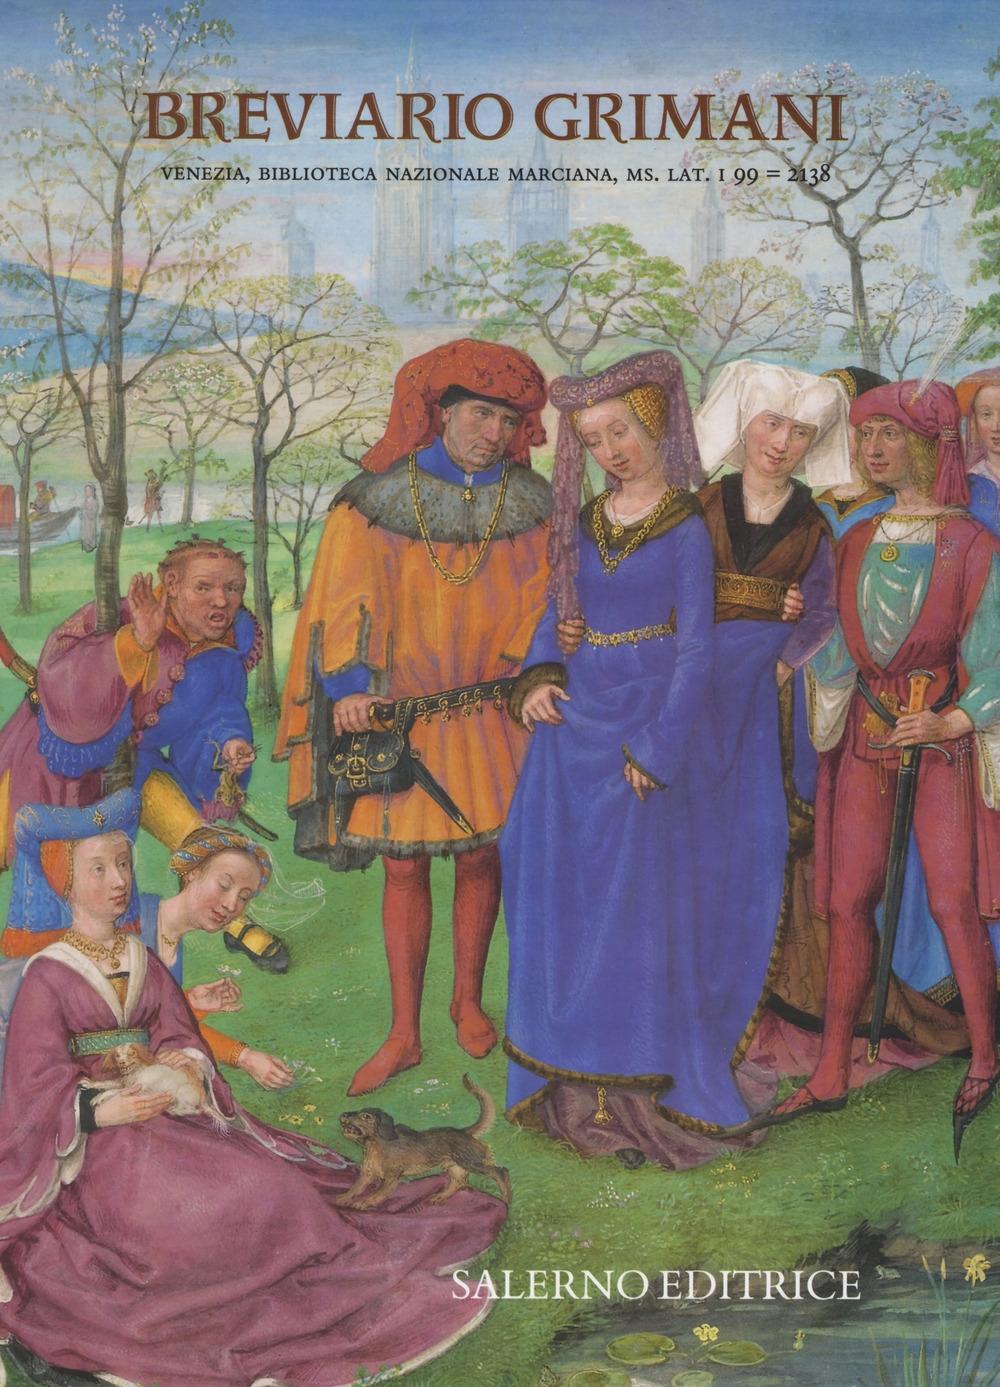 Breviario Grimani (ms. Lat. I 99 = 2138 della Bibl. Nazionale Marciana di Venezia). Nota di commentario all'edizione in fac-simile